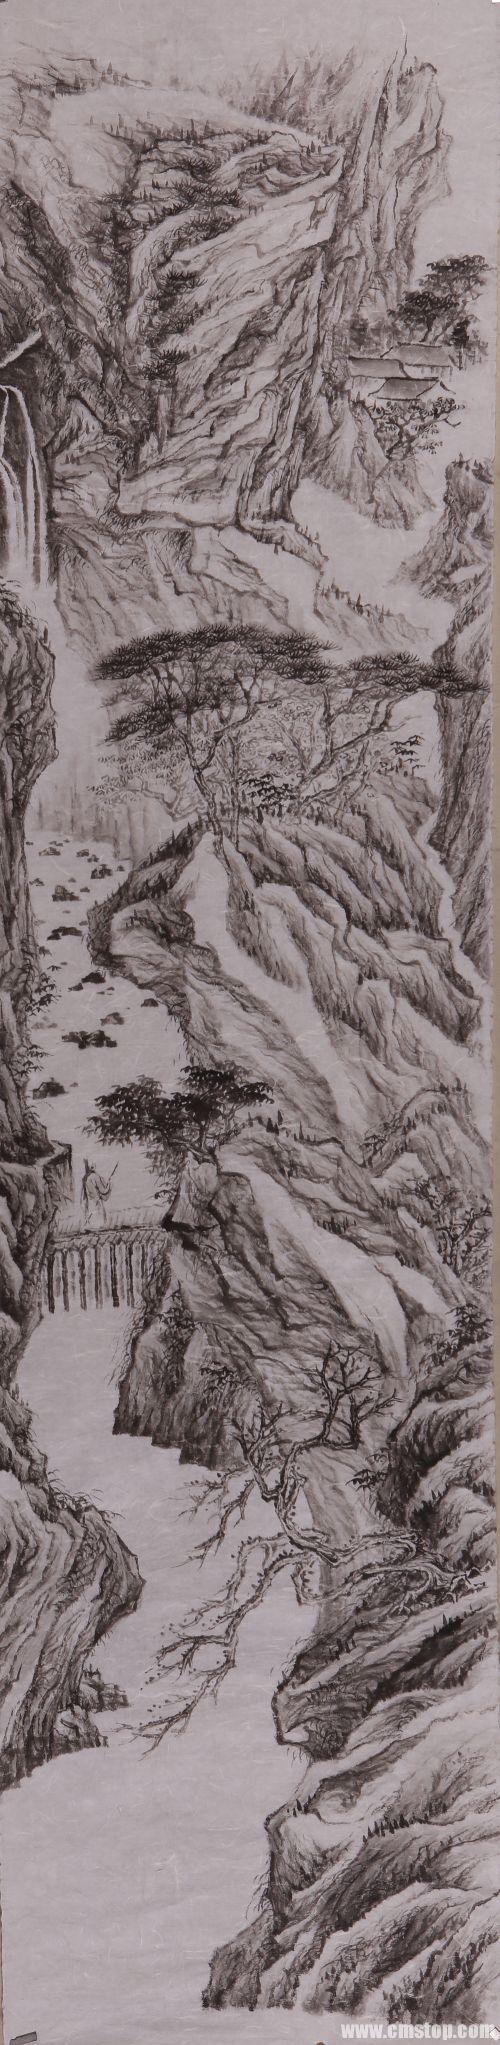 沃兴华绘画作品